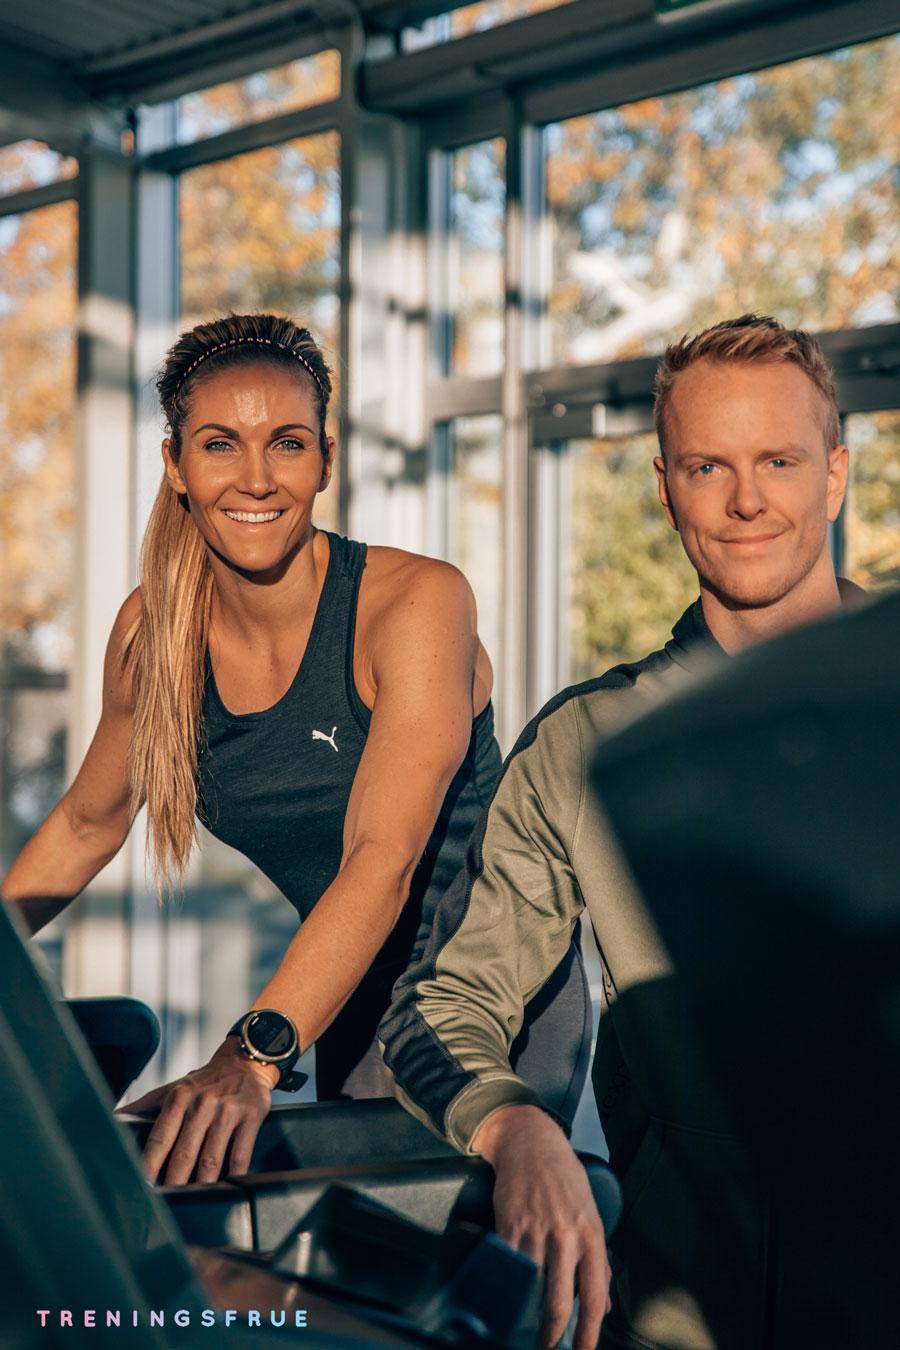 Treningscruise i samarbeid med Treningsfrue Camilla Aastorp Andersen